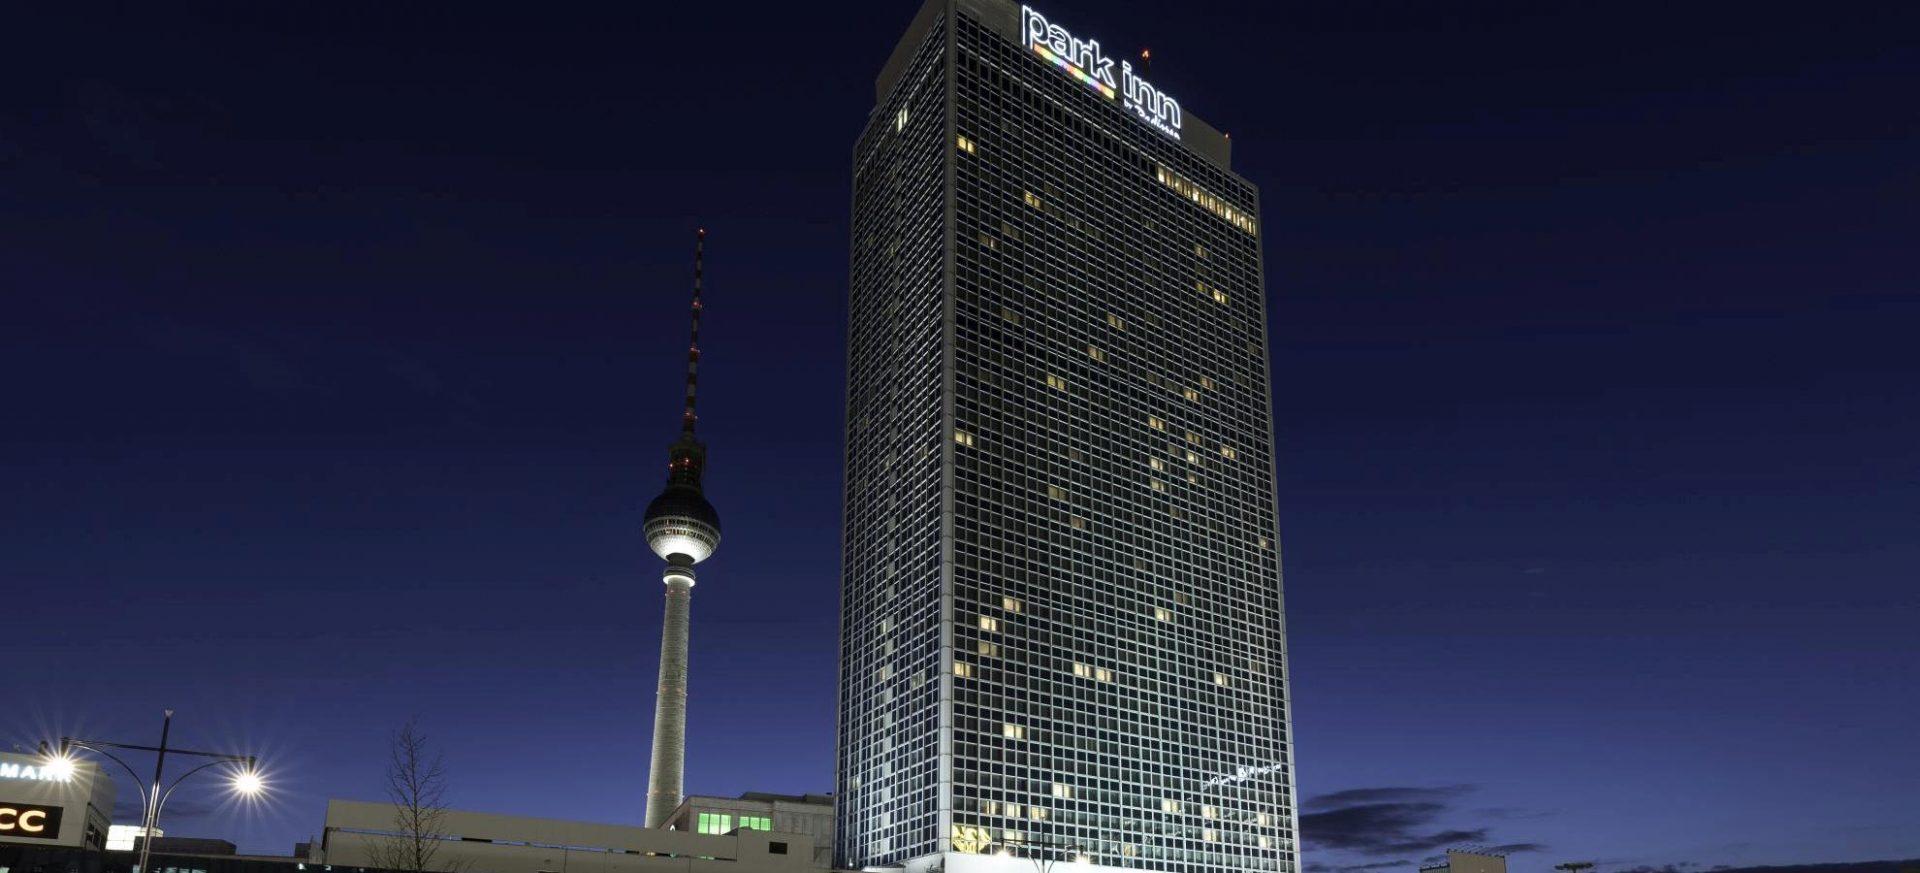 Park Inn by Radisson Berlin Alexanderplatz Außenansicht / Exterior view